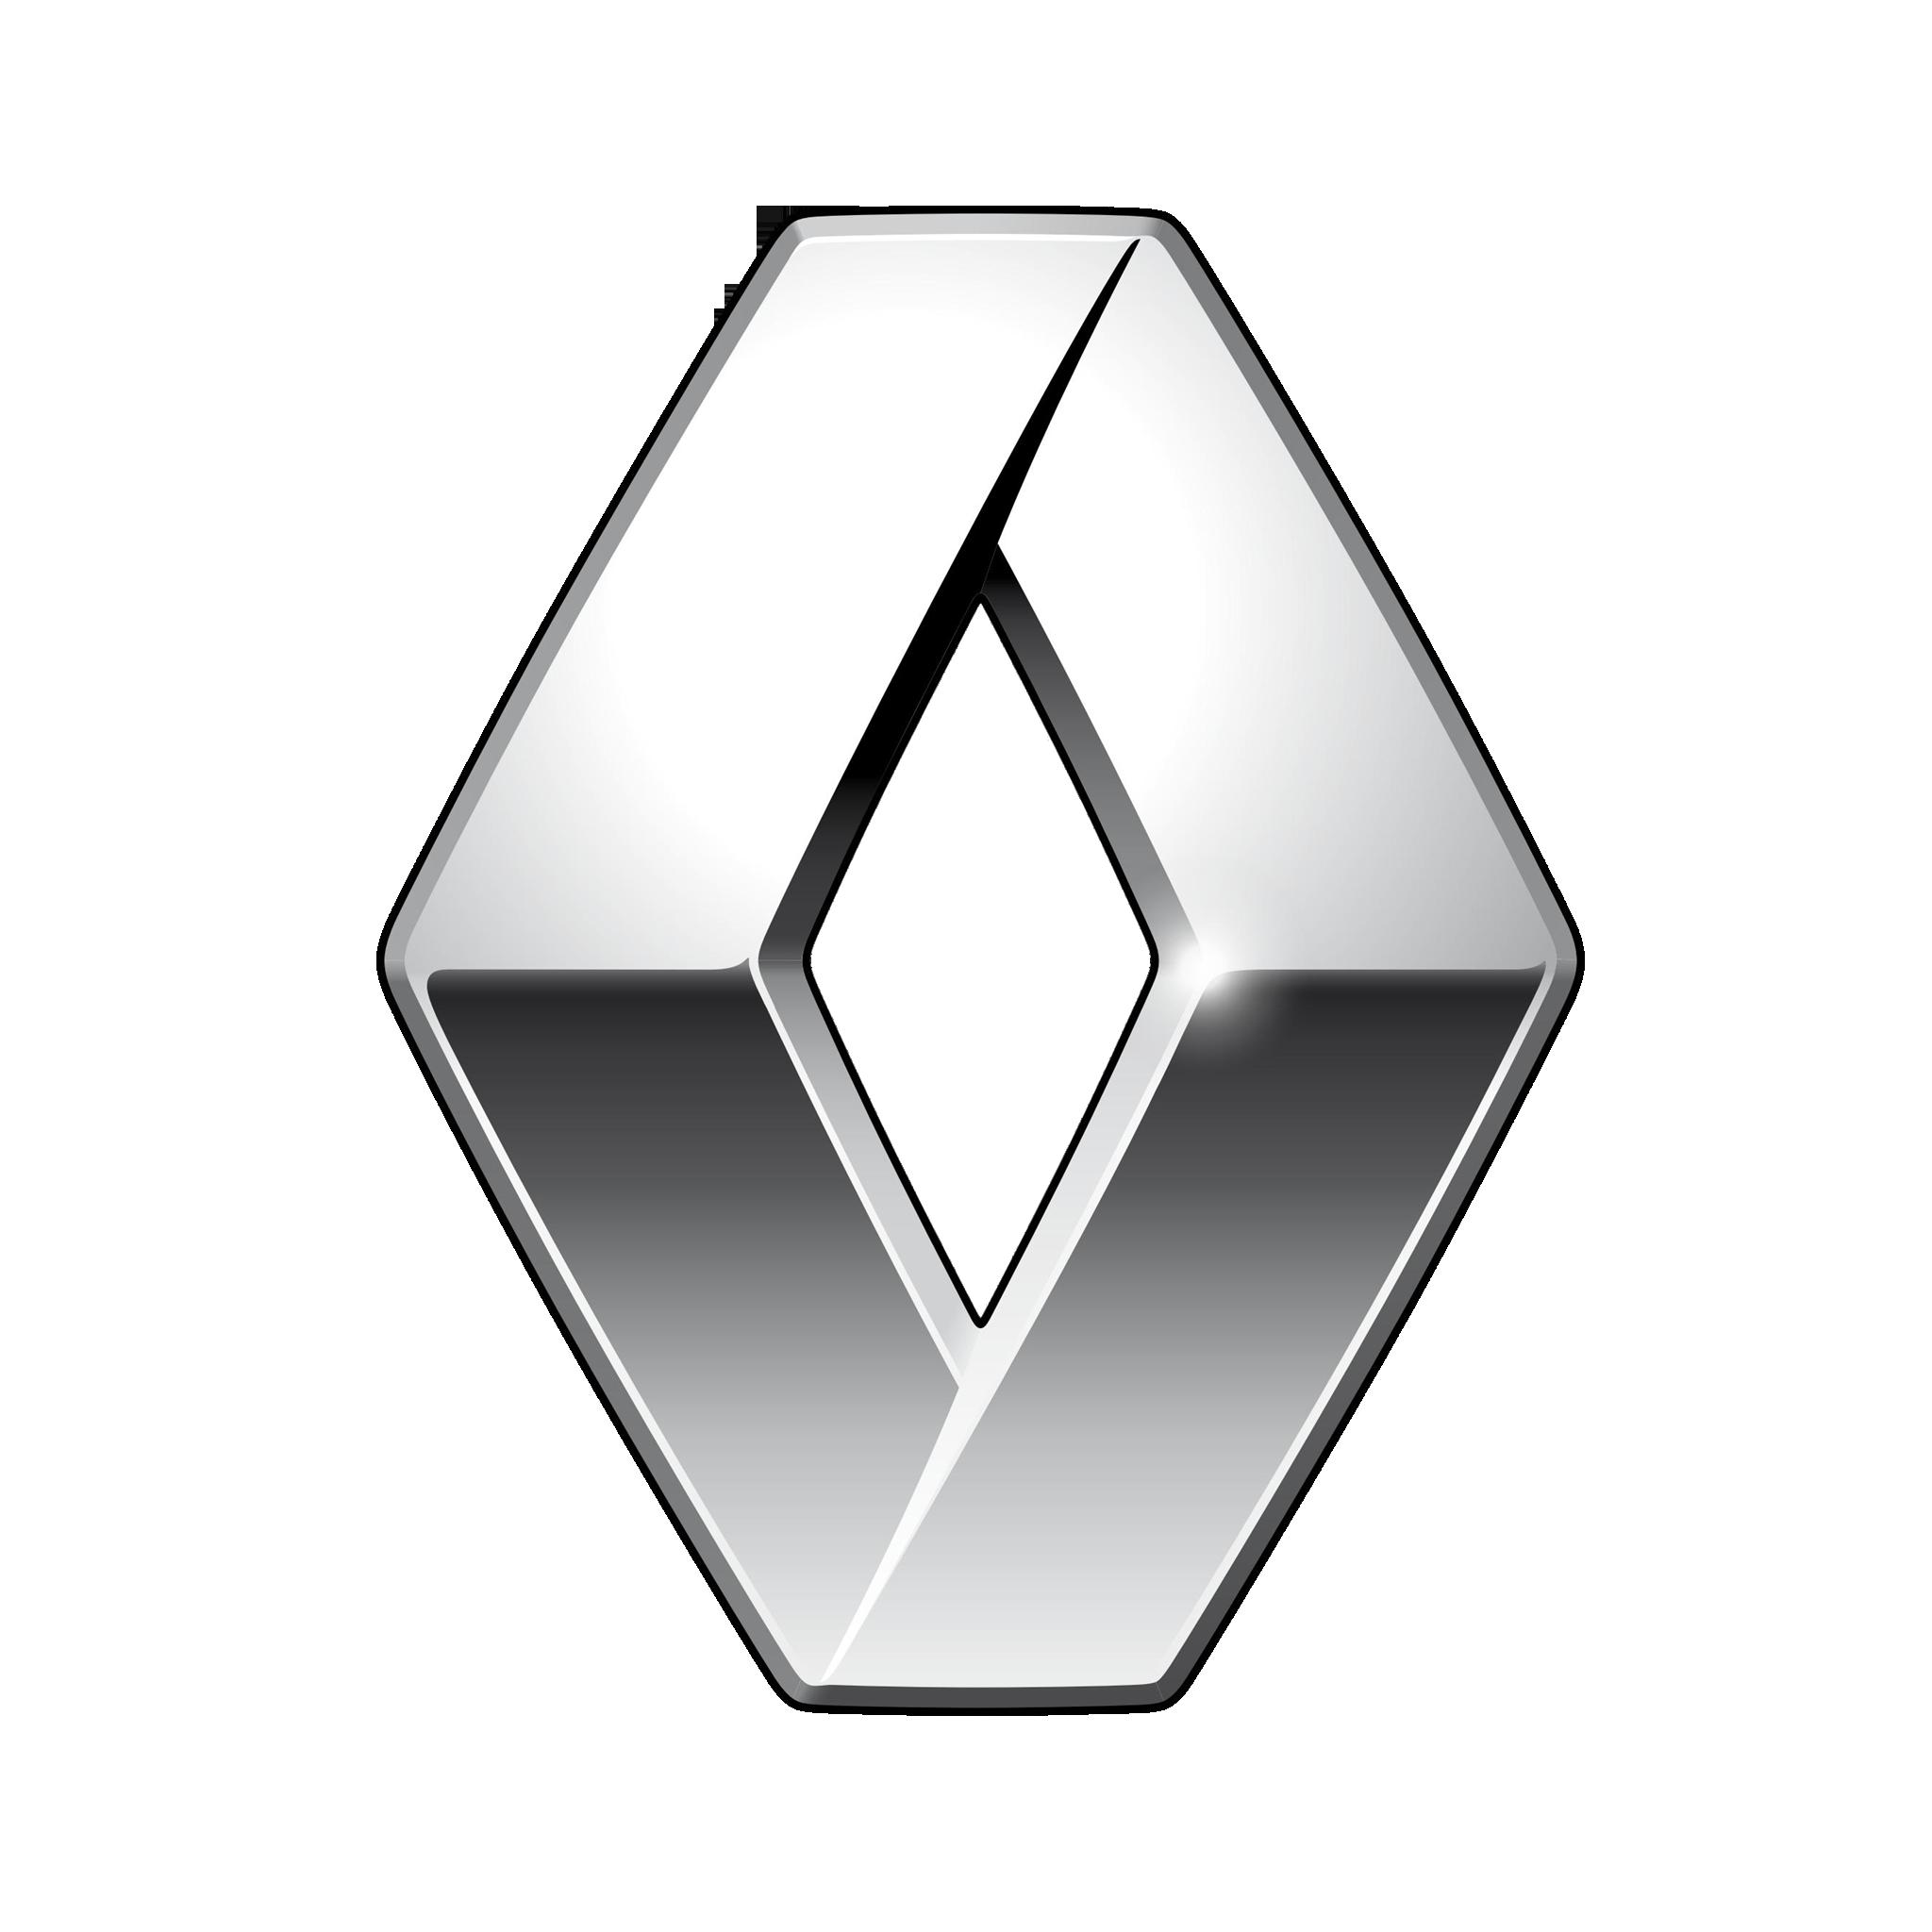 Appeler Renault et son service client